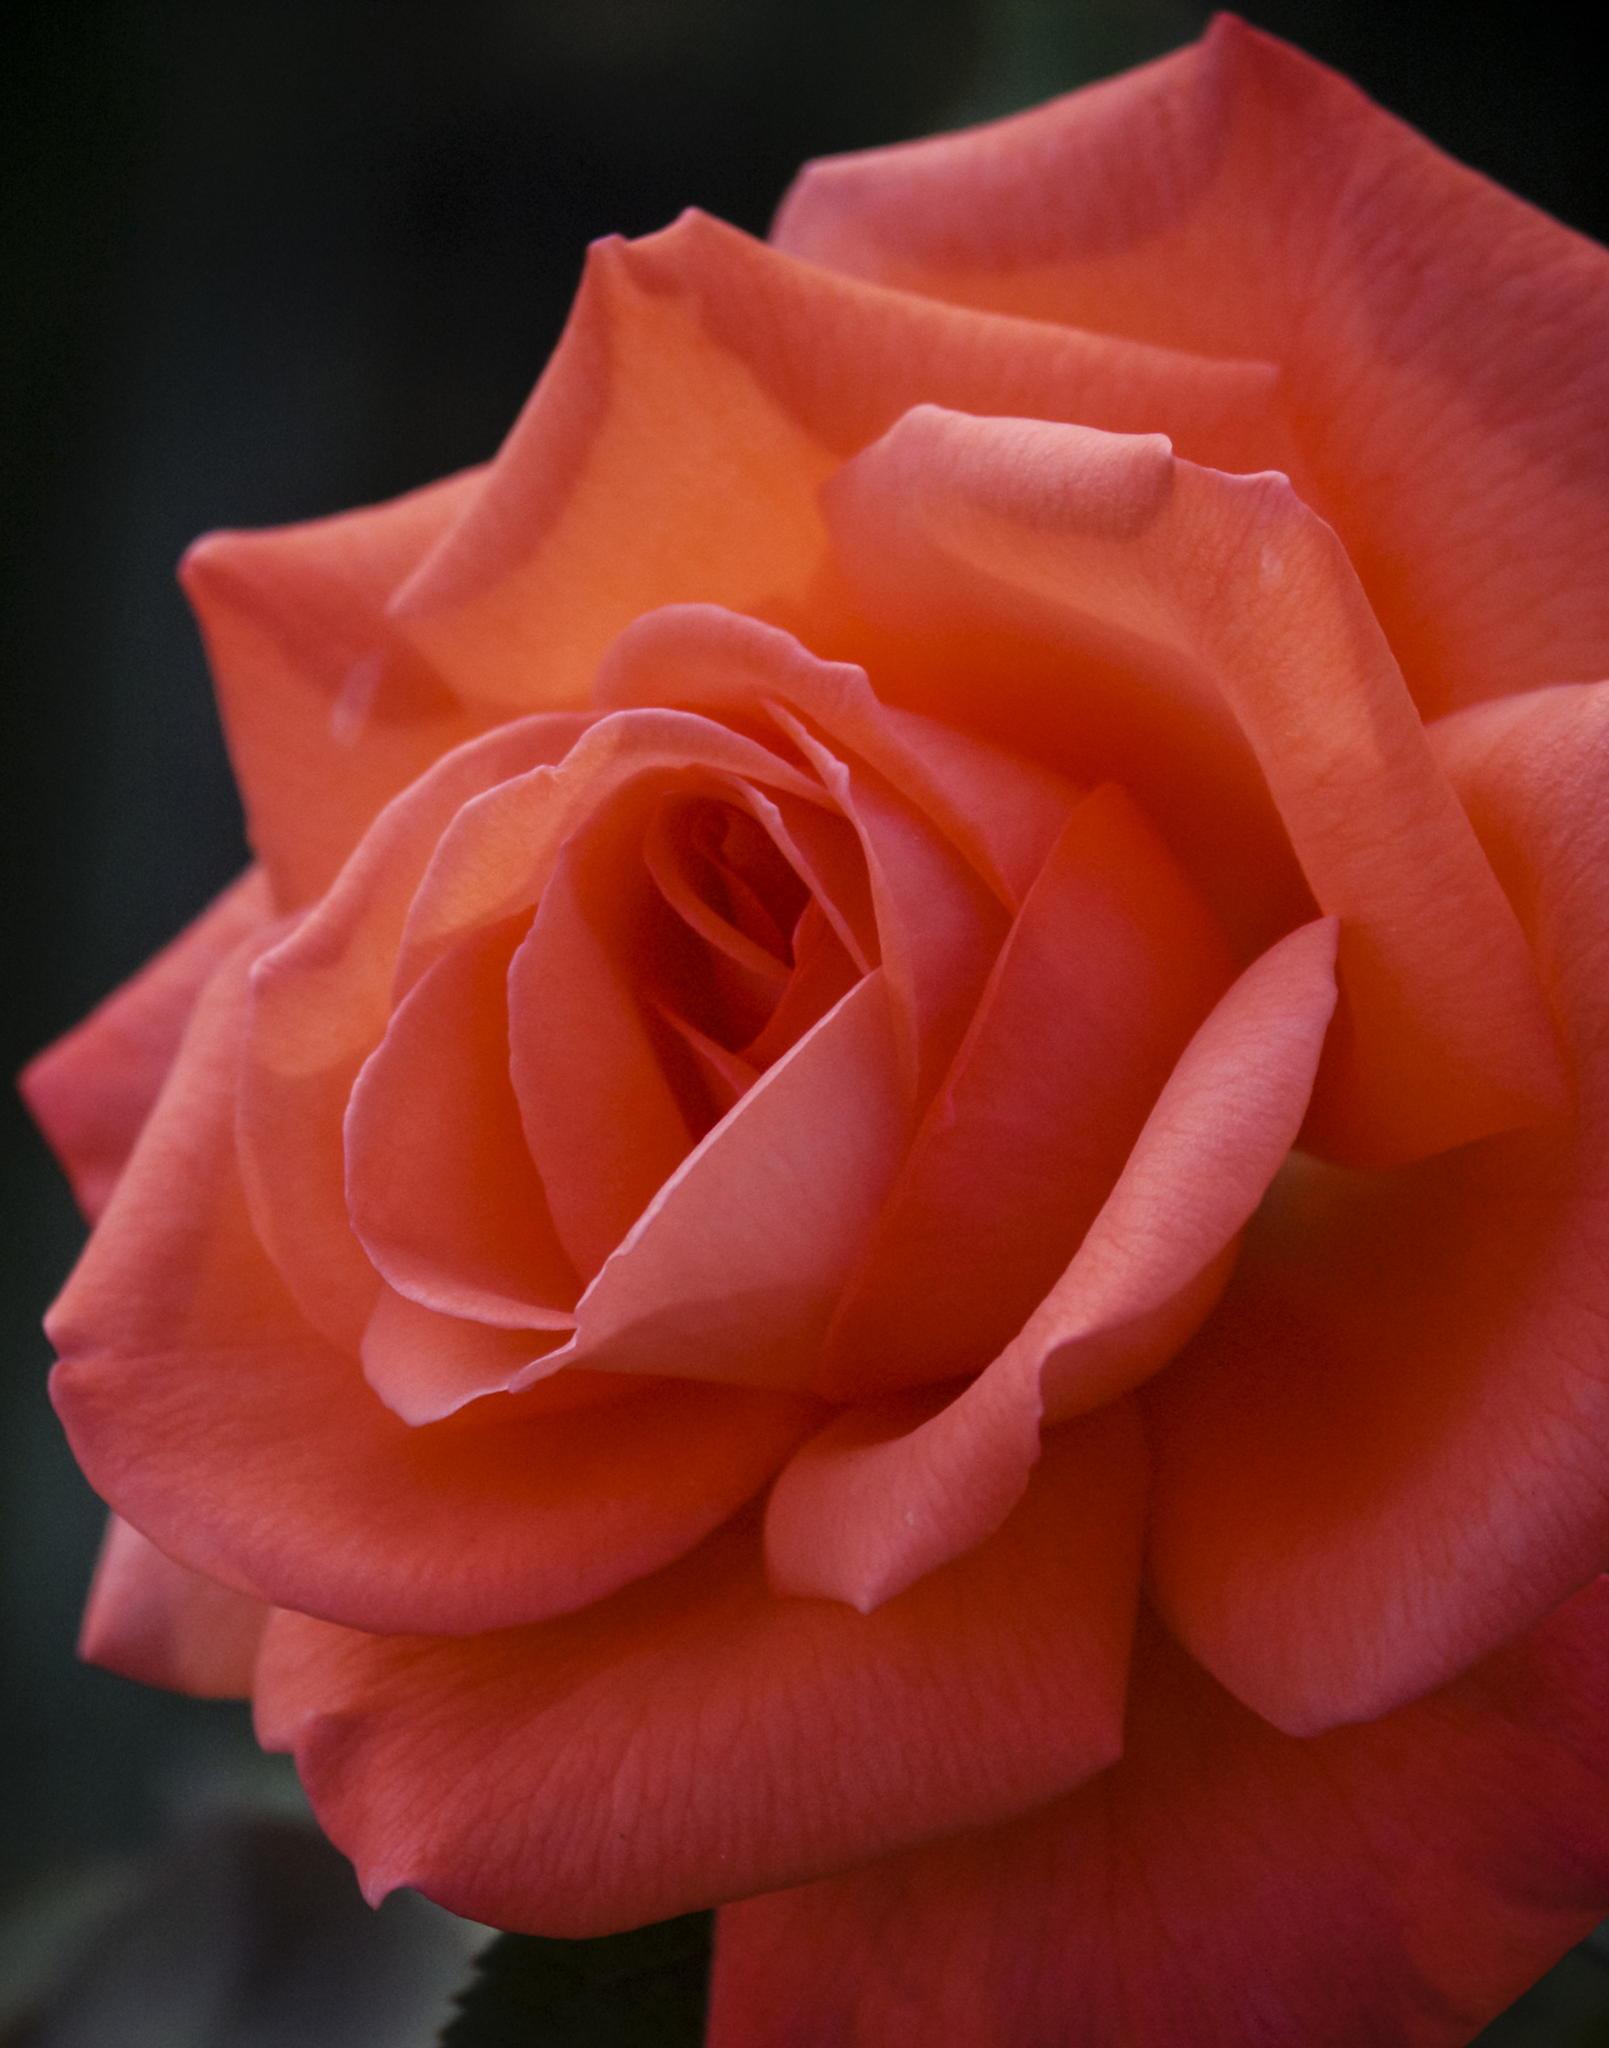 помощью этого одна алая роза фото имеет